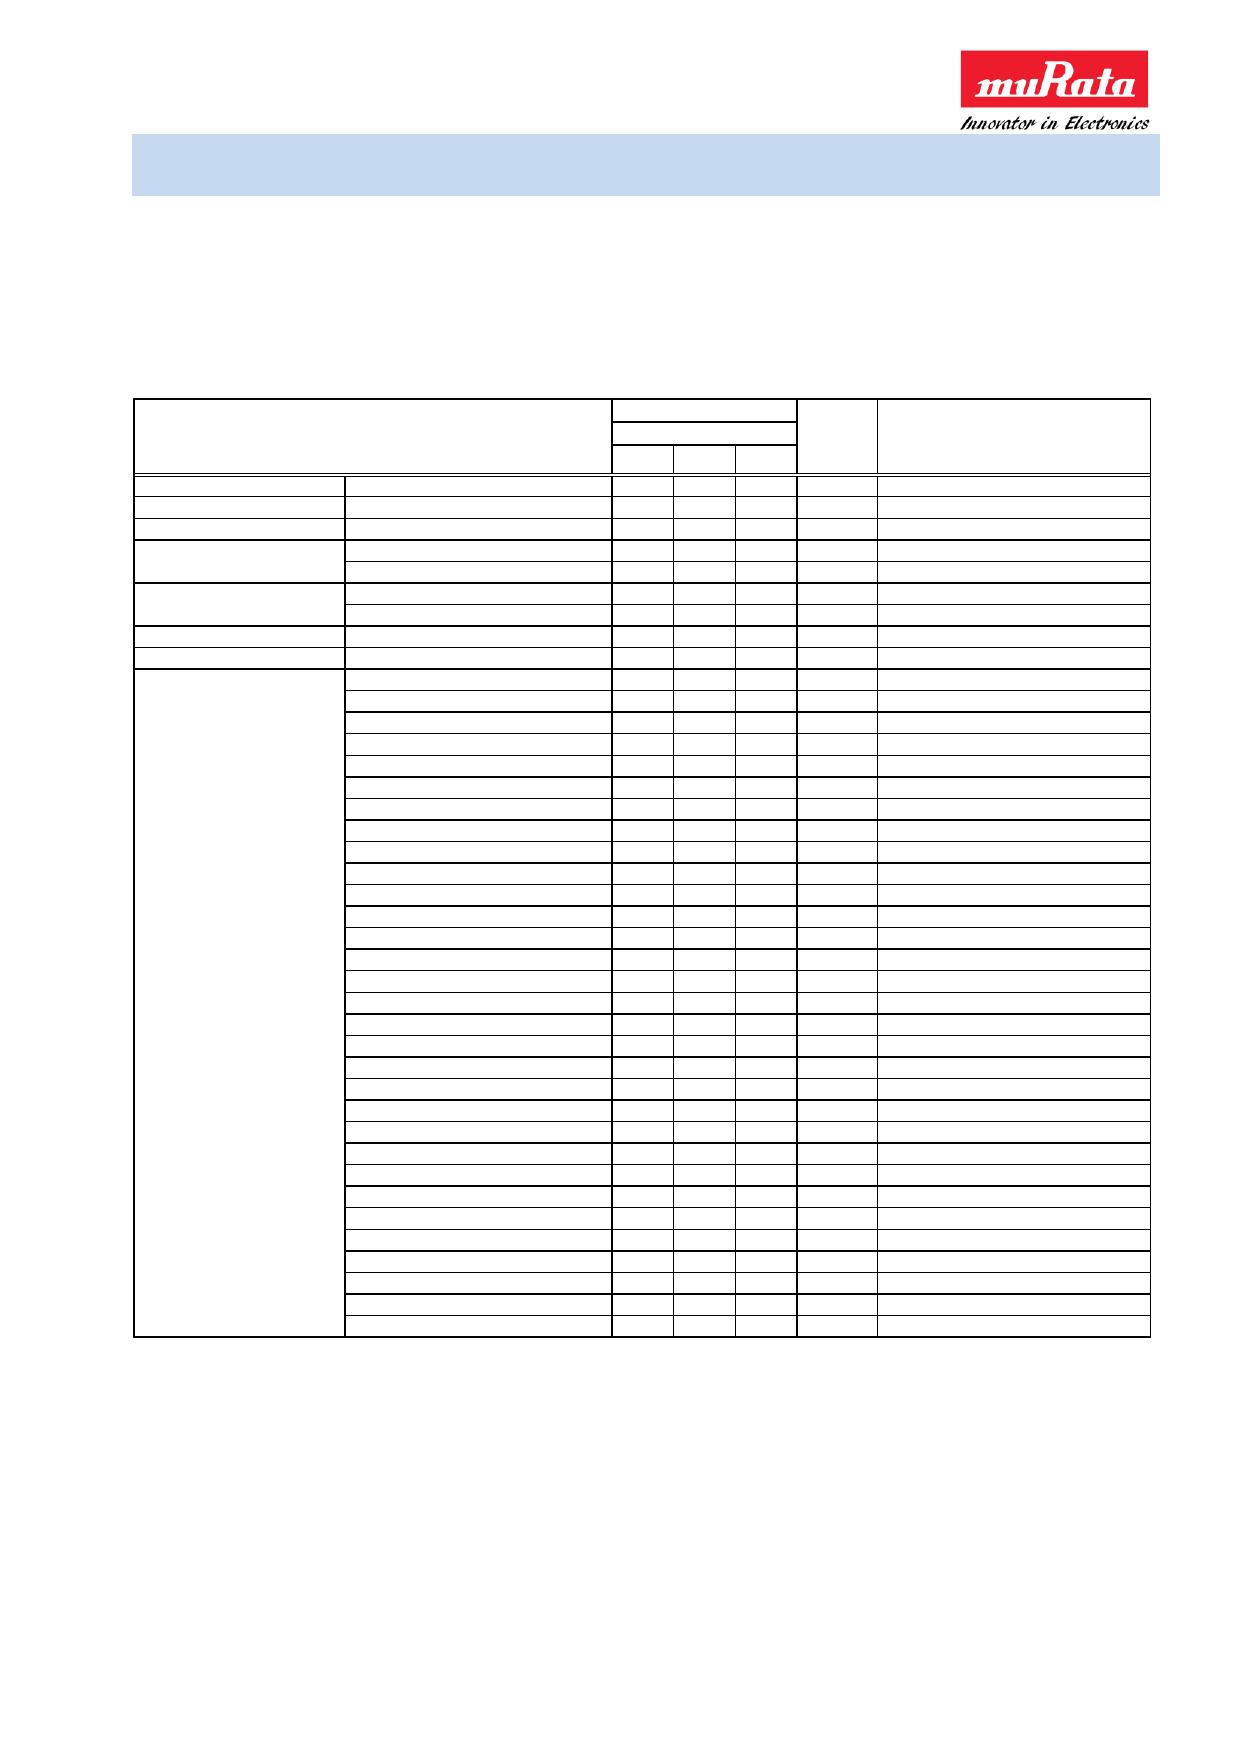 SAFFB740MFA0F0A pdf, 반도체, 판매, 대치품